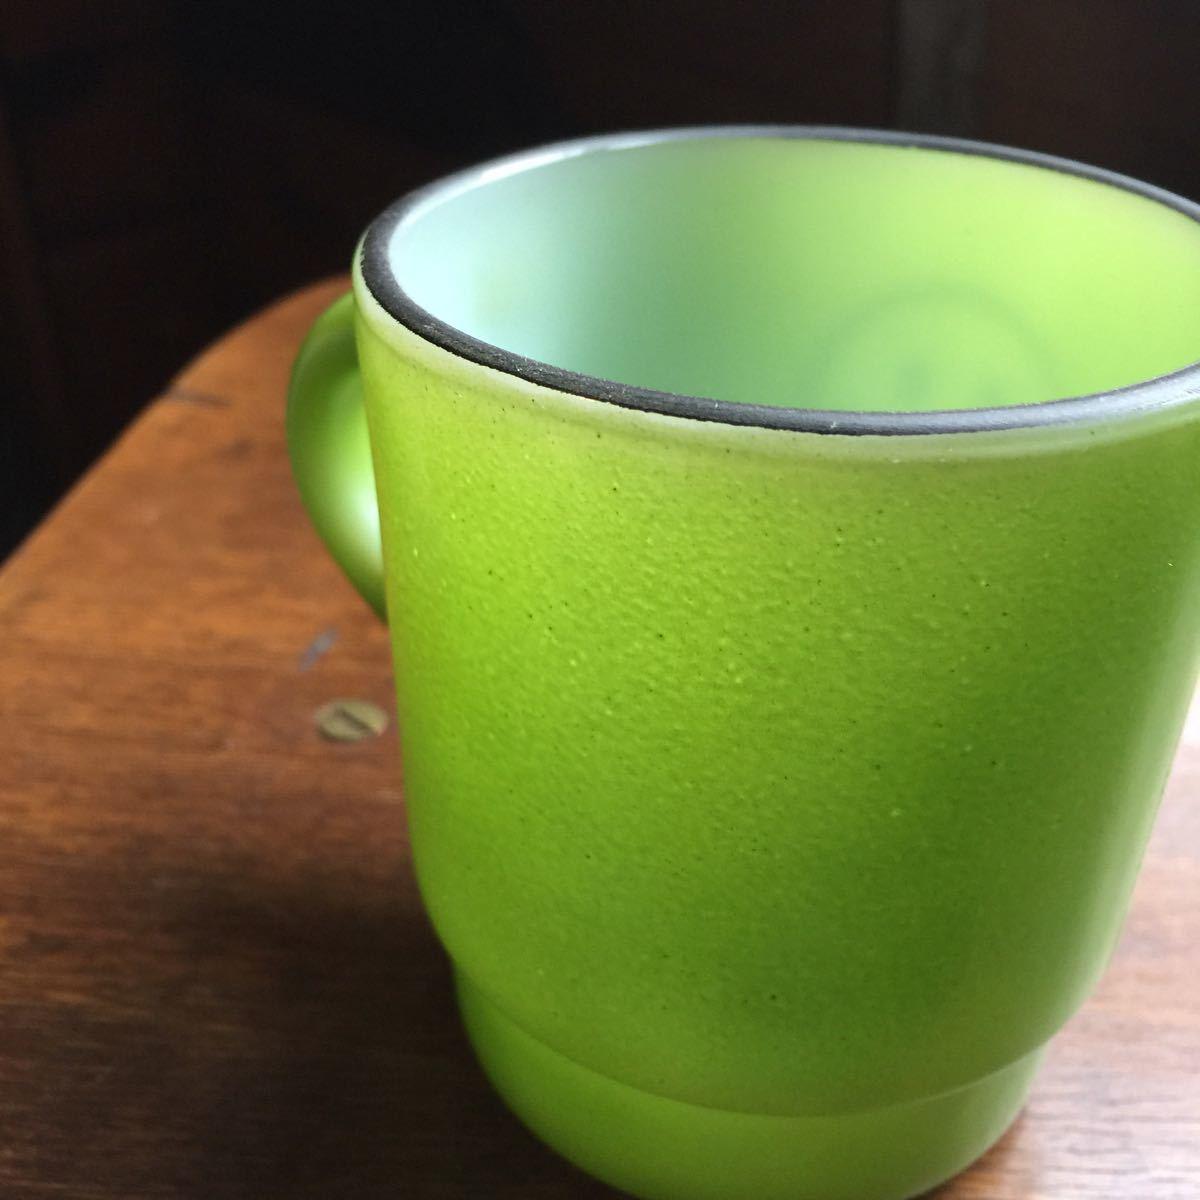 【81】ファイヤーキング スマイル HAVE A NICE DAY スタッキング マグカップ 緑 Fire King k353_画像10